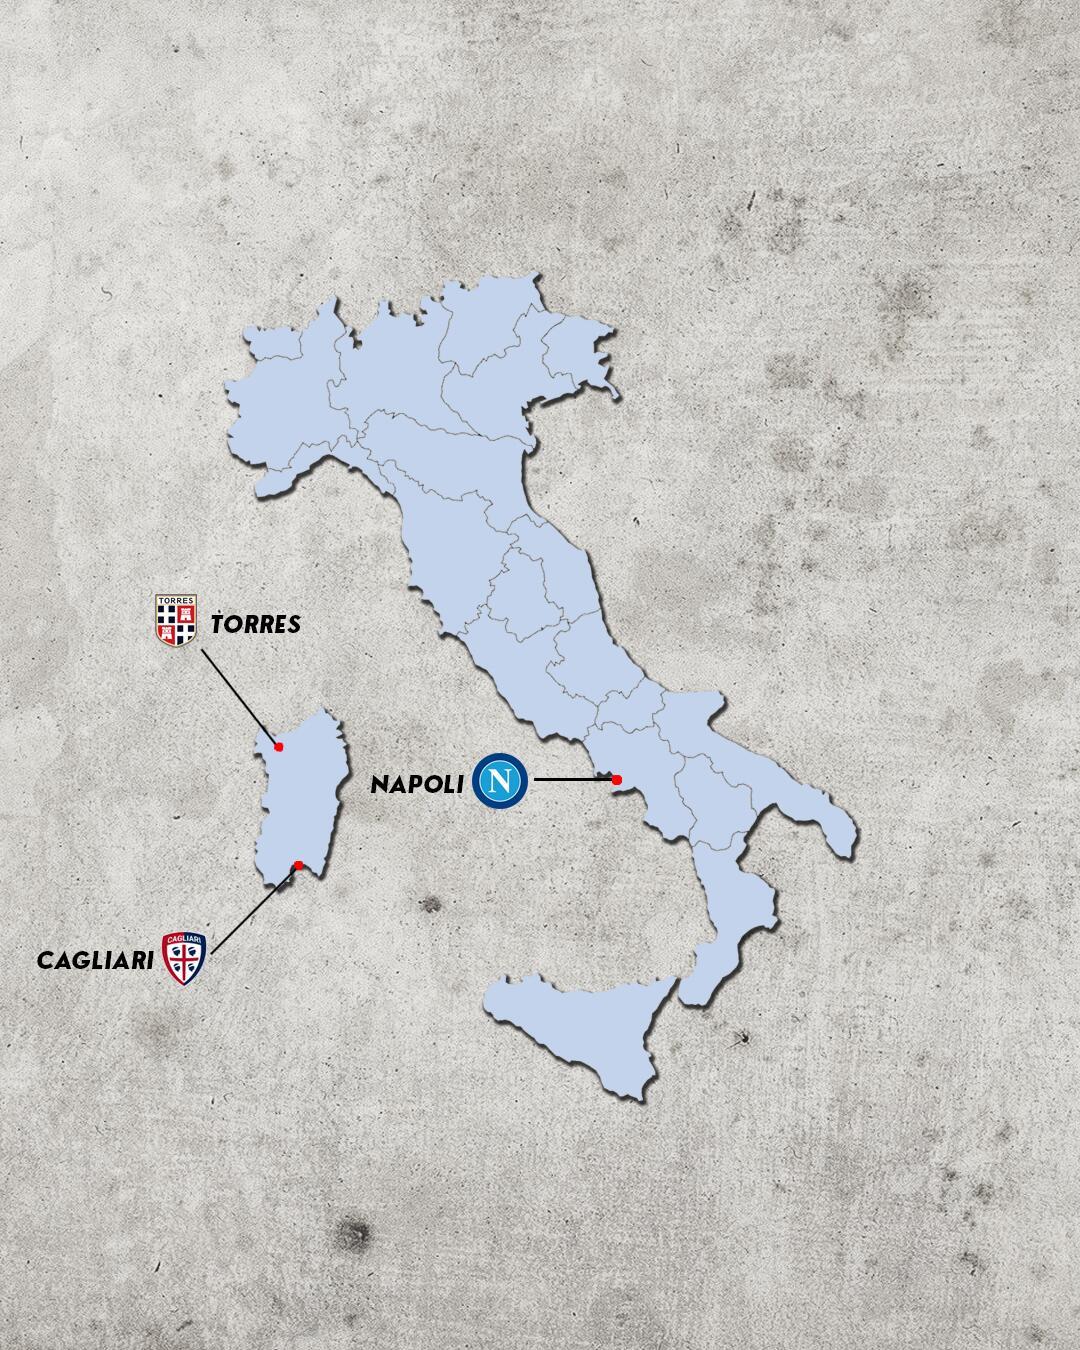 rivalidades do campeonato italiano - rivais do cagliari